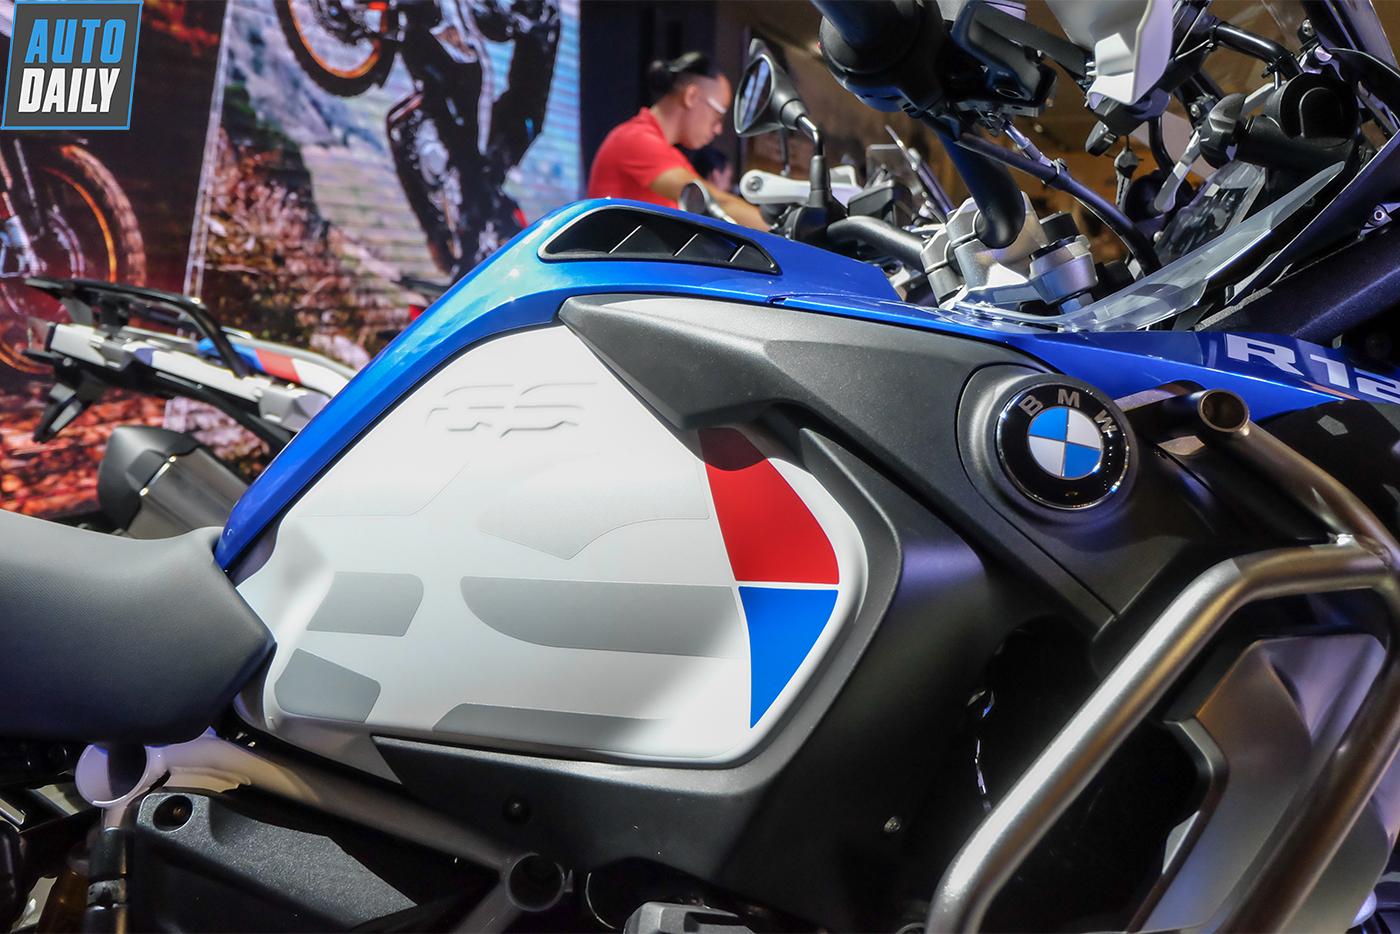 bmw-motorrad-r-1250-gsa-2019-52.jpg